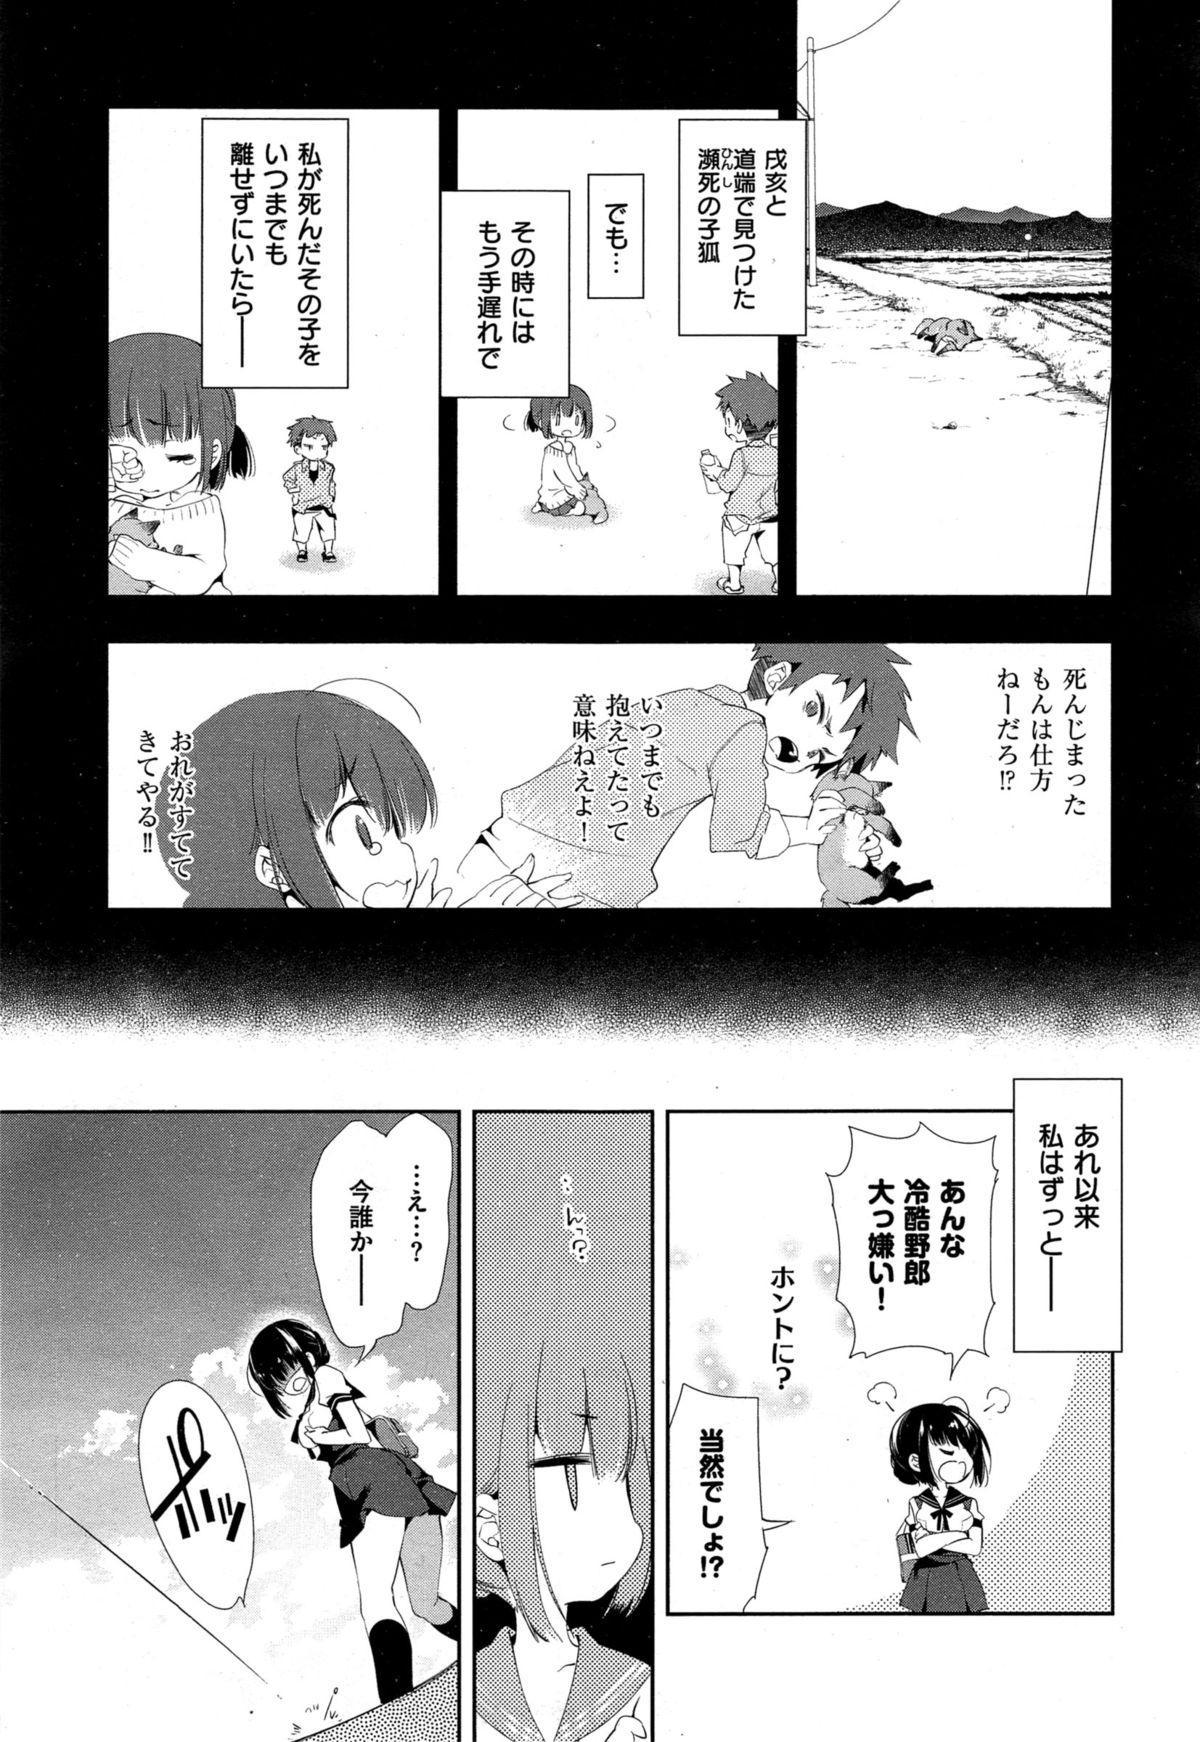 Kitsune no Yomeiri 4